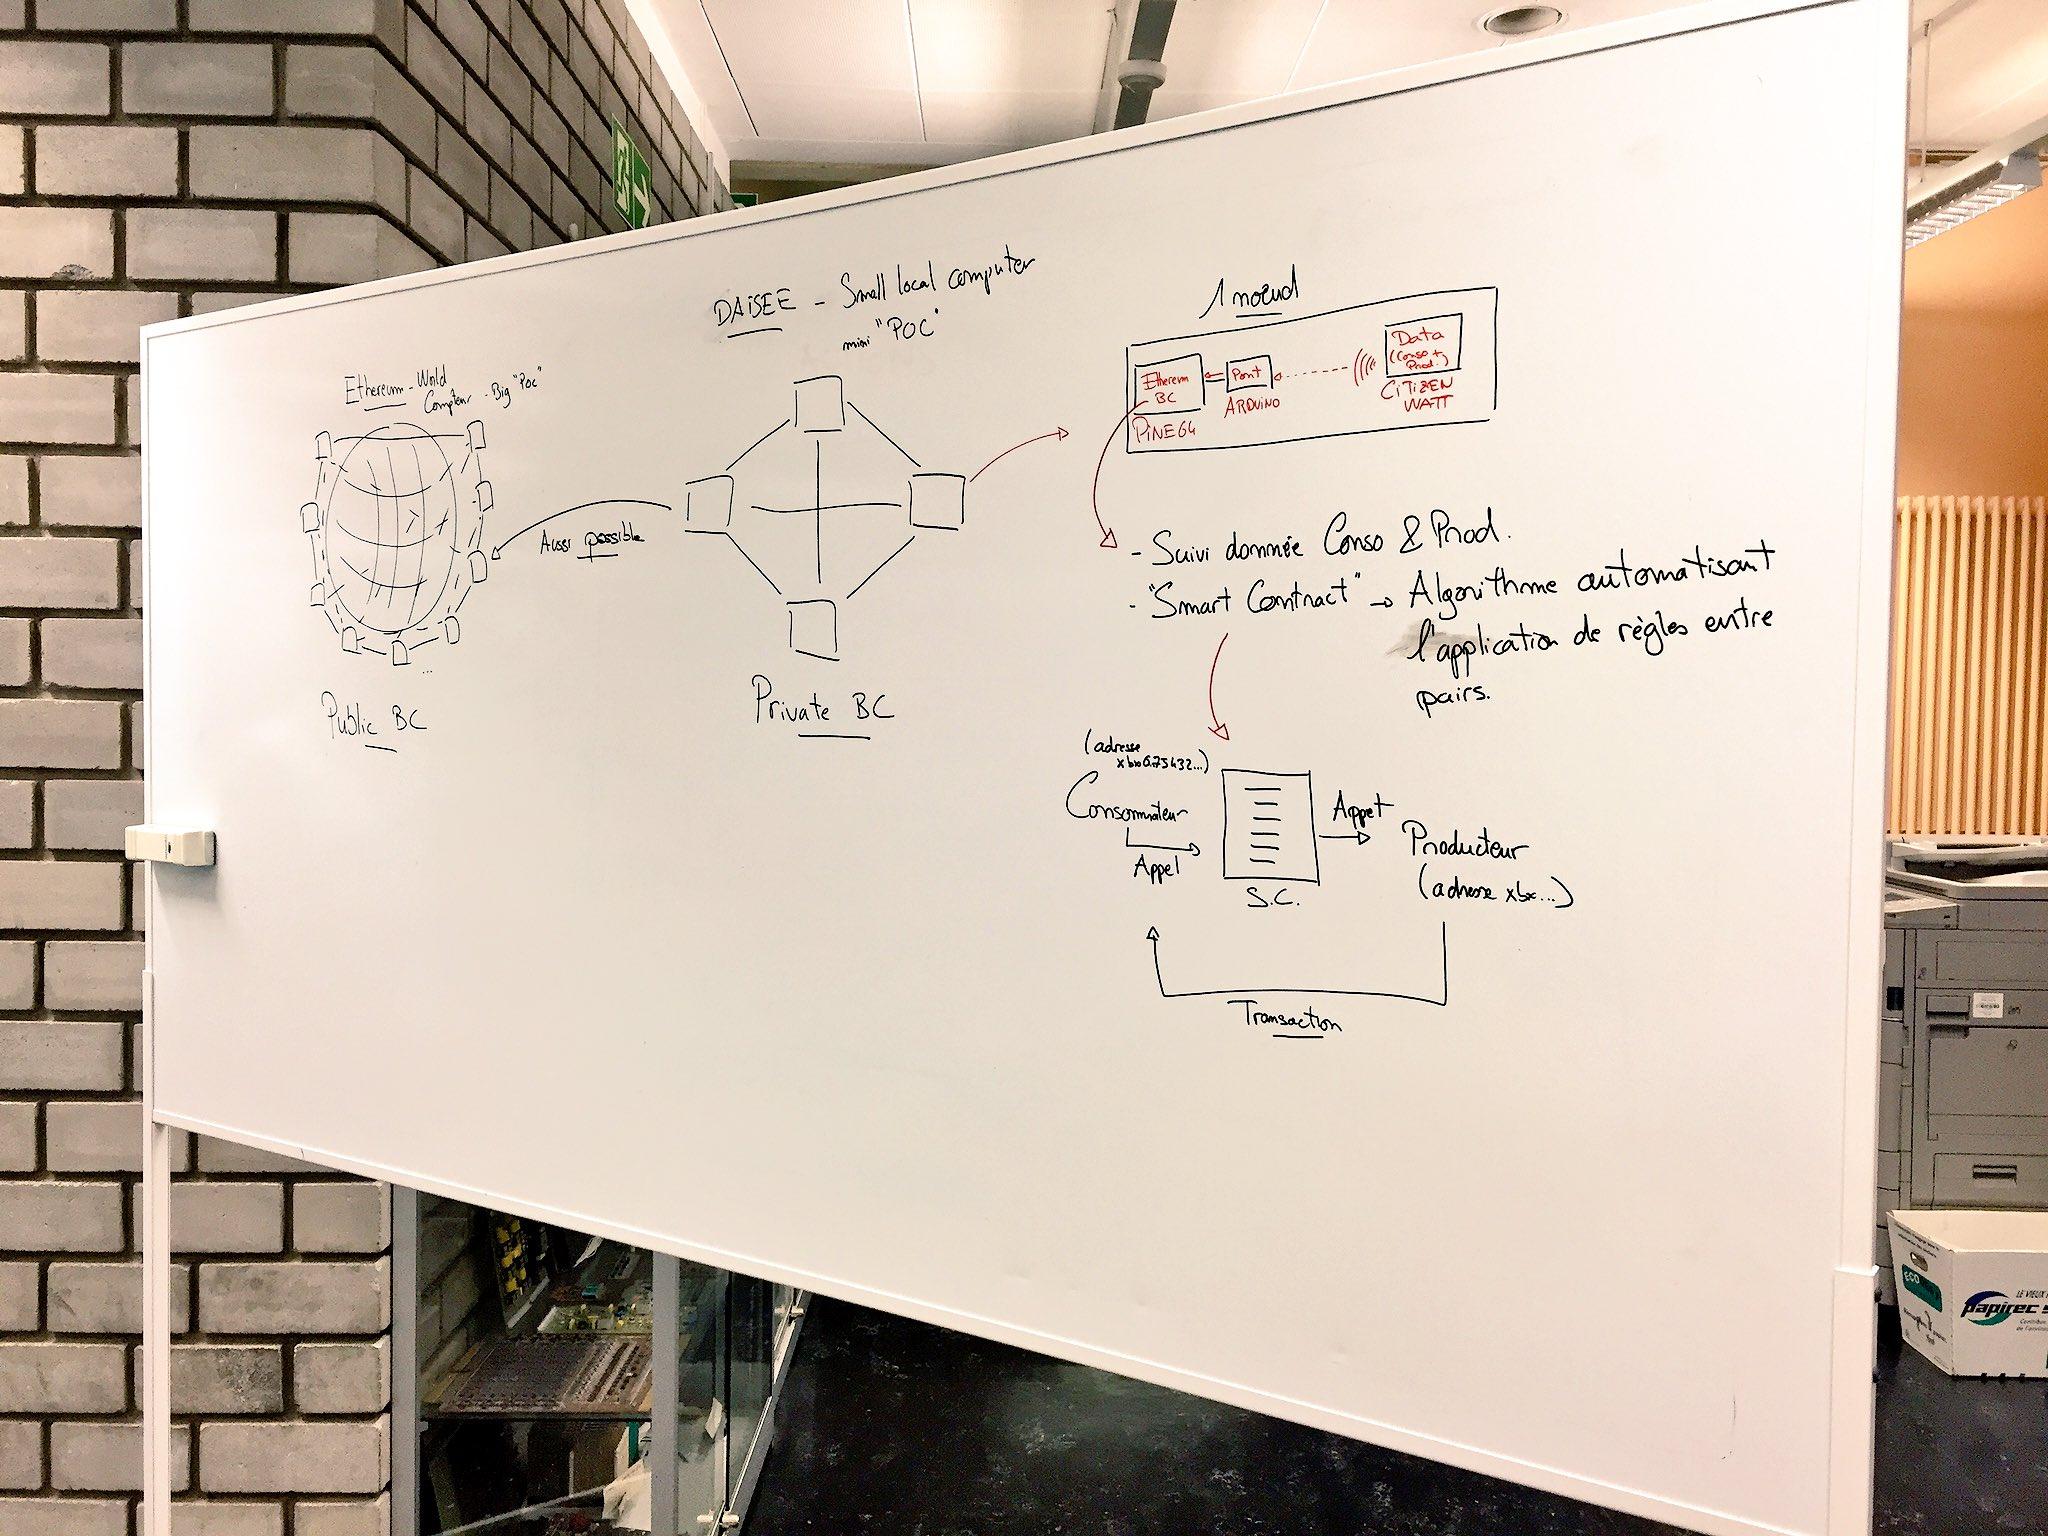 [Pic] #UrbanEntrepreneurs Aperçu du schéma fonctionnel (simplifiée) de l'expérience @CallMeDaisee. https://t.co/I2EL8I0kSv